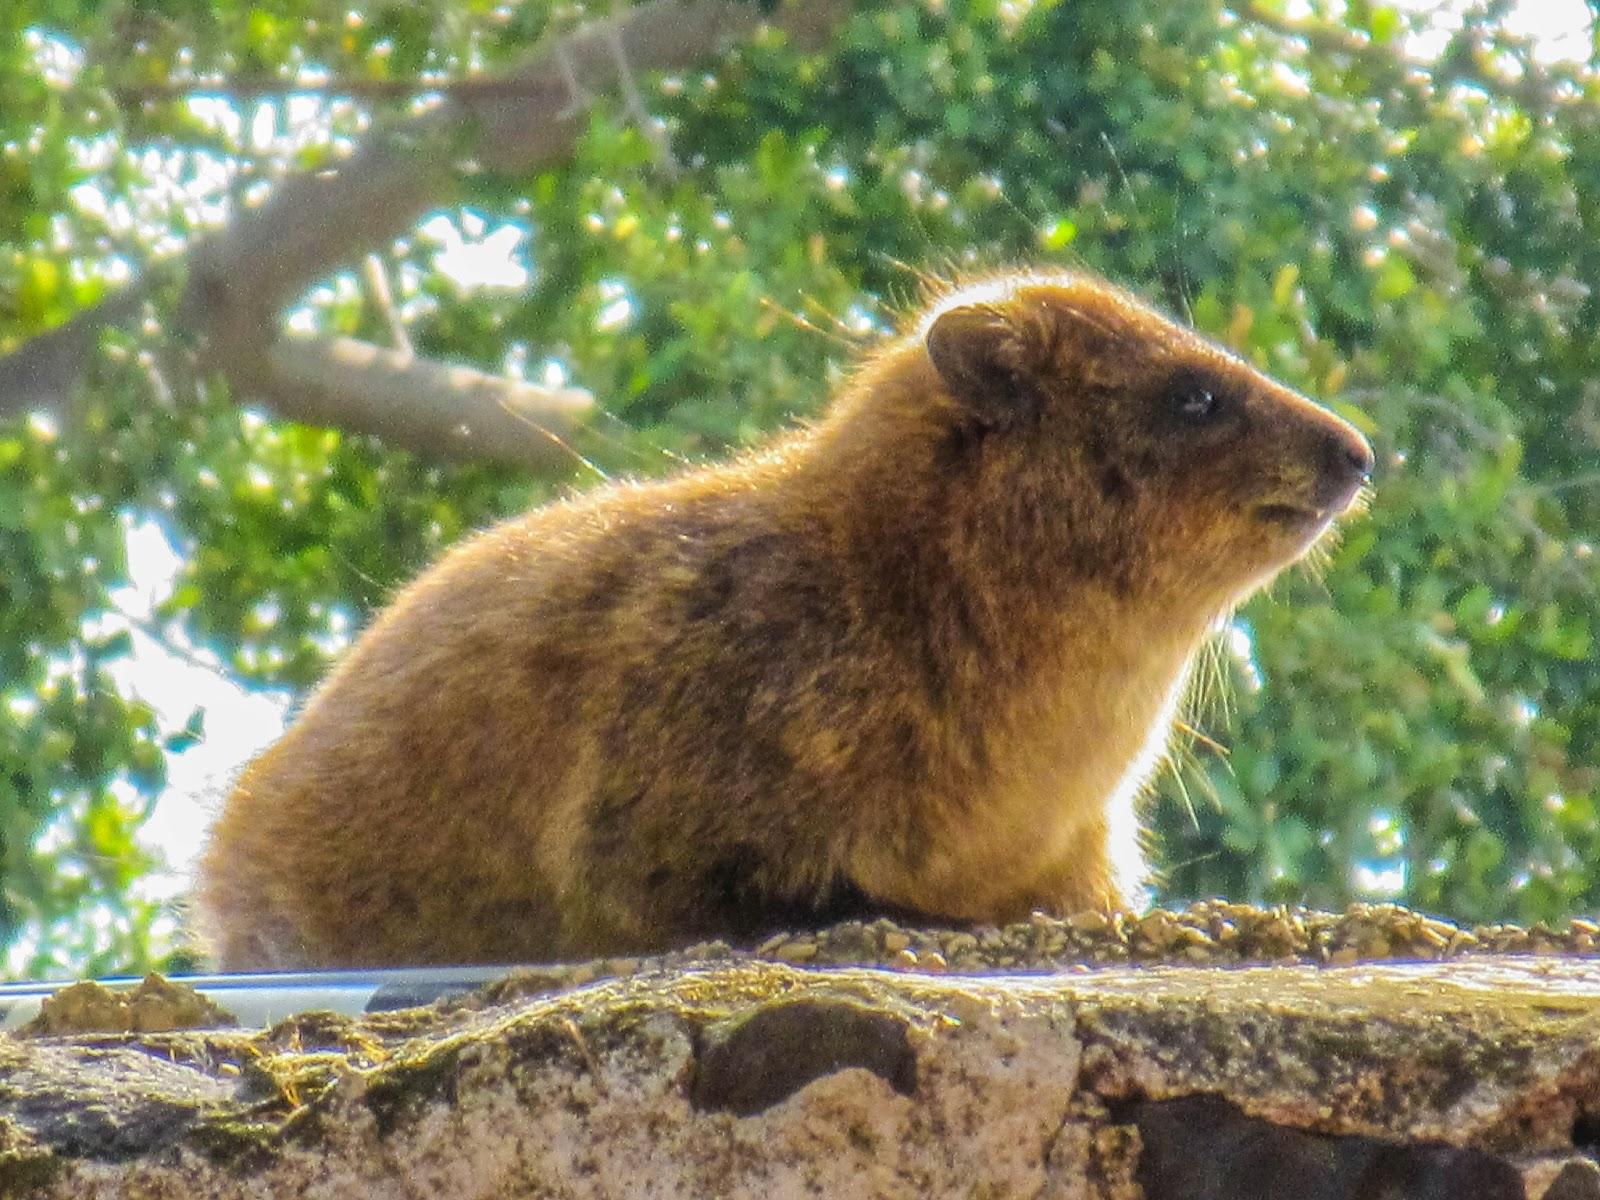 上图:加利利地区的岩蹄兔(Rock Hyrax)。蹄兔(Hyraxes)又叫岩狸,外形像兔,足有软掌,便于在岩石间跳跃行走。加利利海附近有许多岩石堆,有大量岩蹄兔在此安家。因为中国没有这种动物,所以音译为「沙番」。